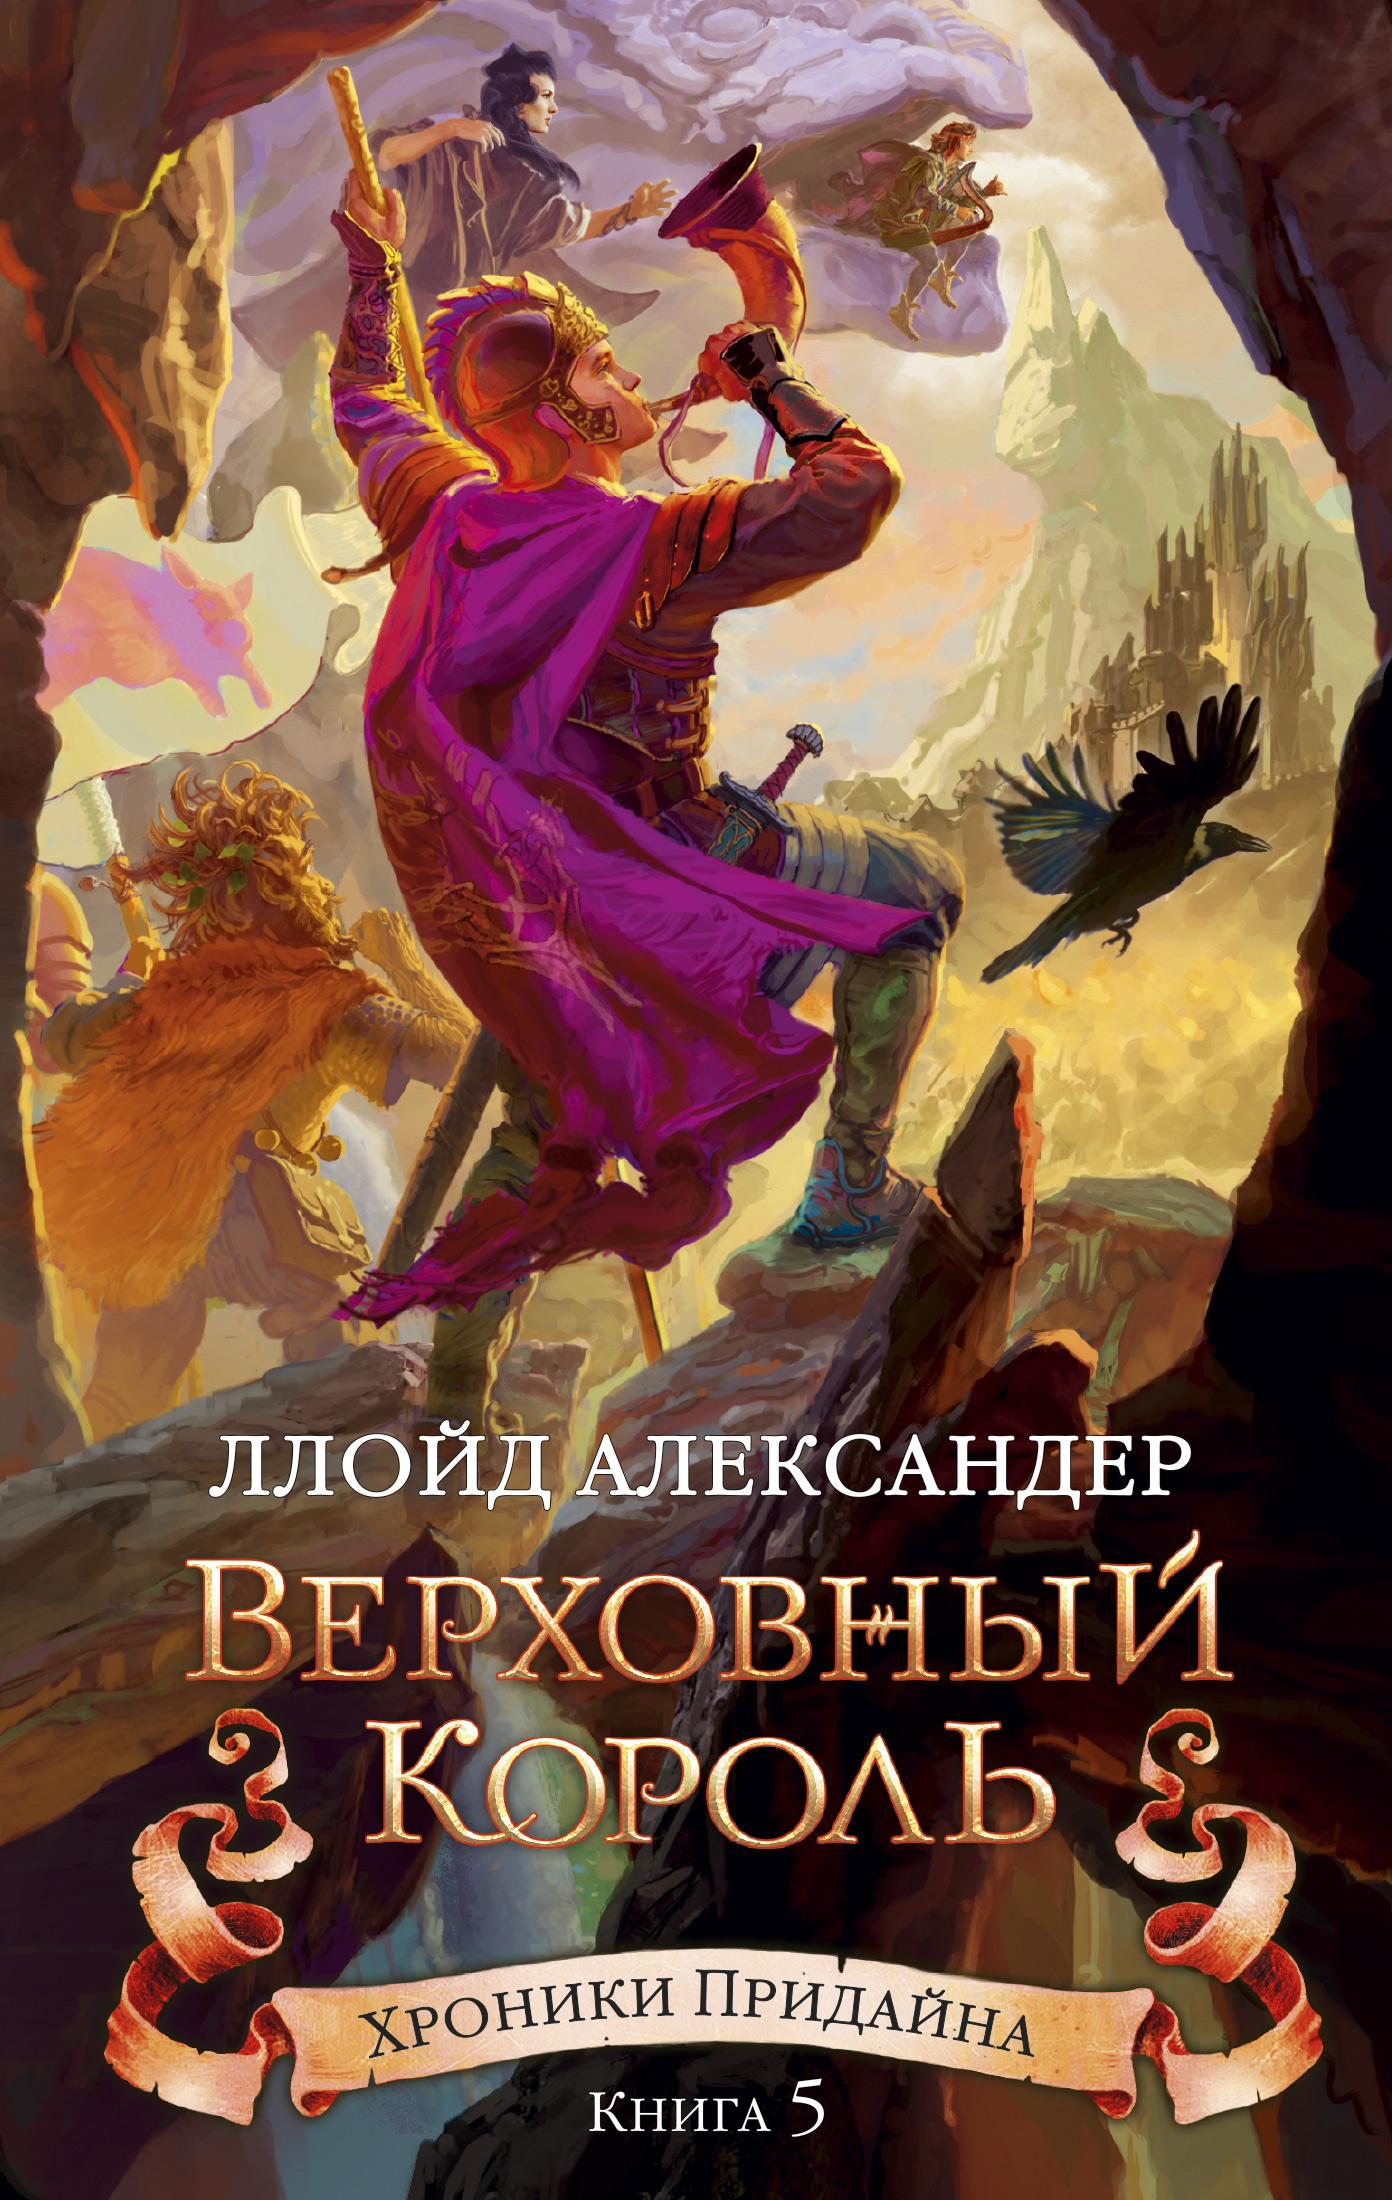 «Хроники Придайна. Книга 5. Верховный король» Ллойд Александер